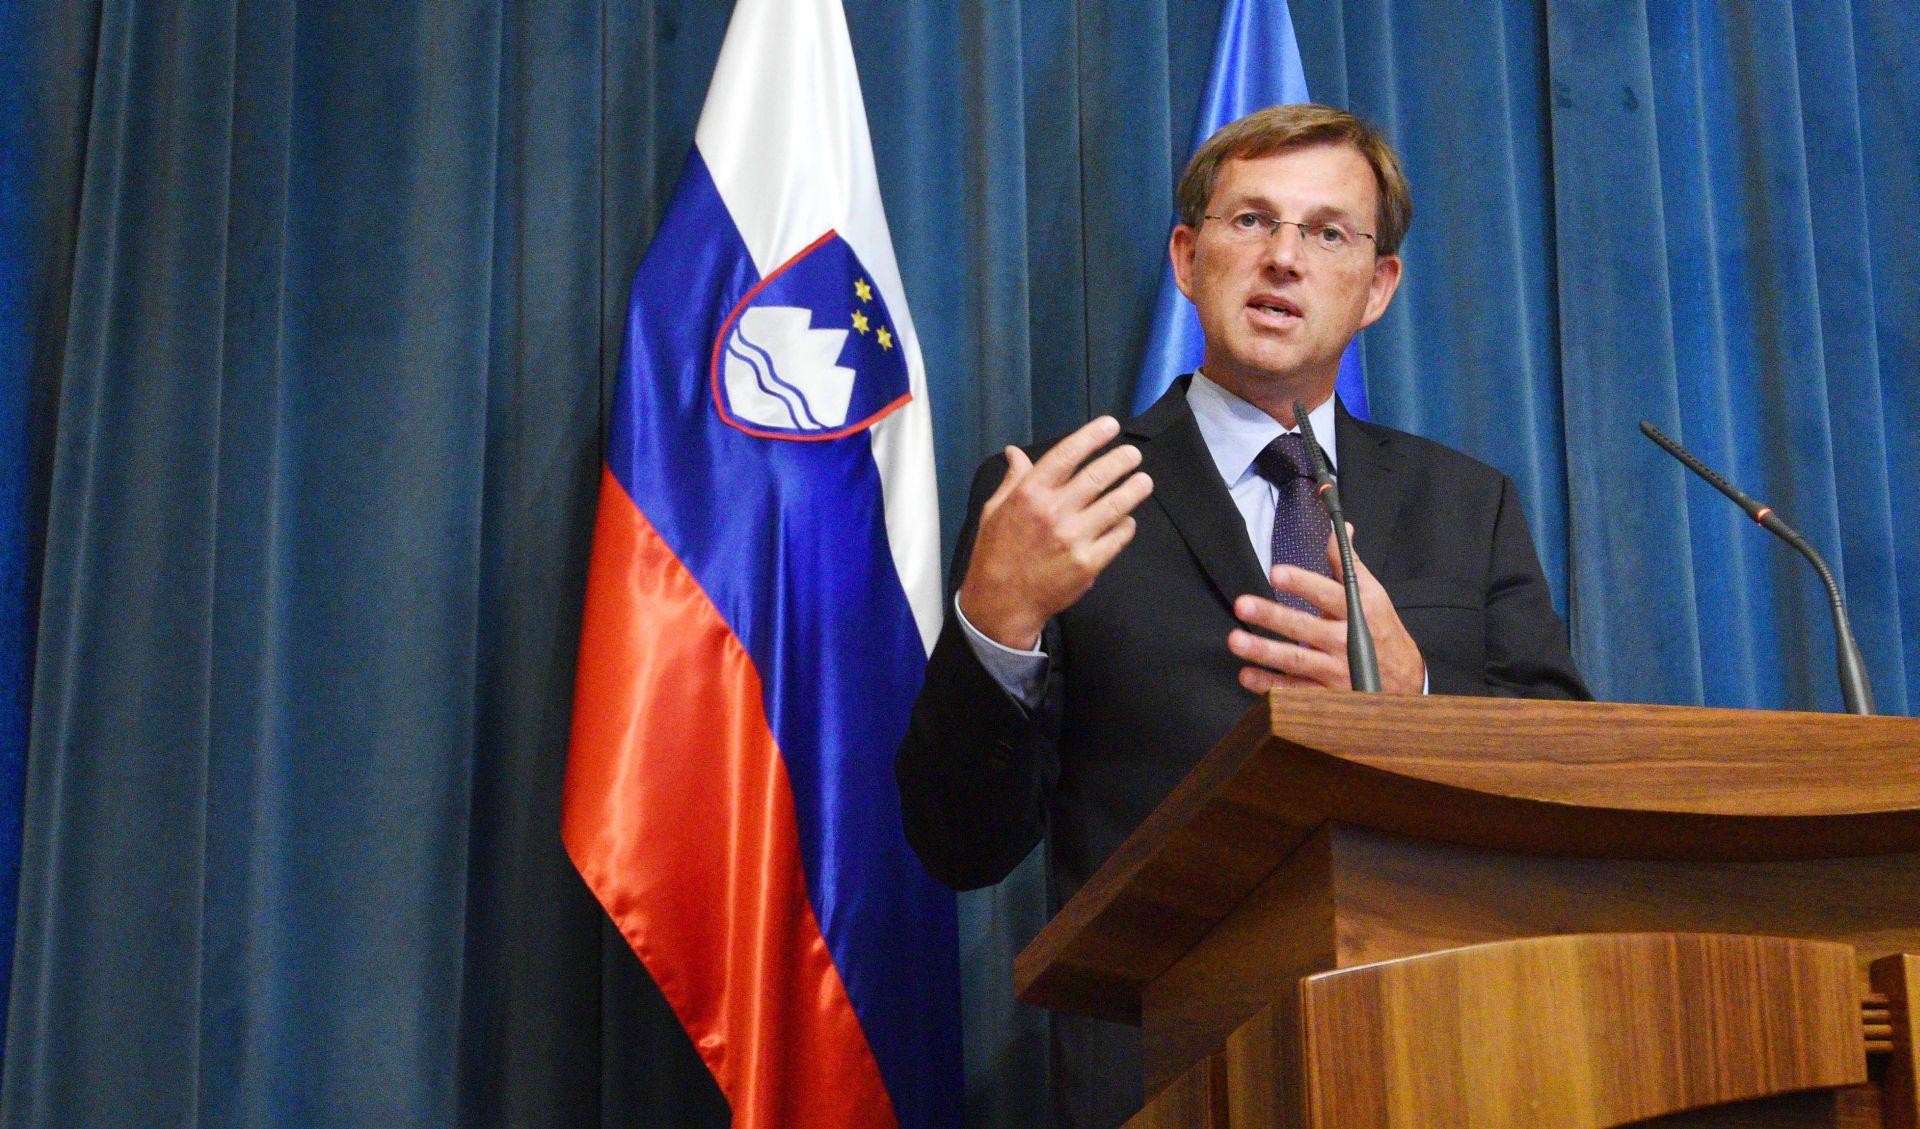 Grošelj: Slovenija nije vojno ugrožena, ali treba duboku reformu obrambenog sustava